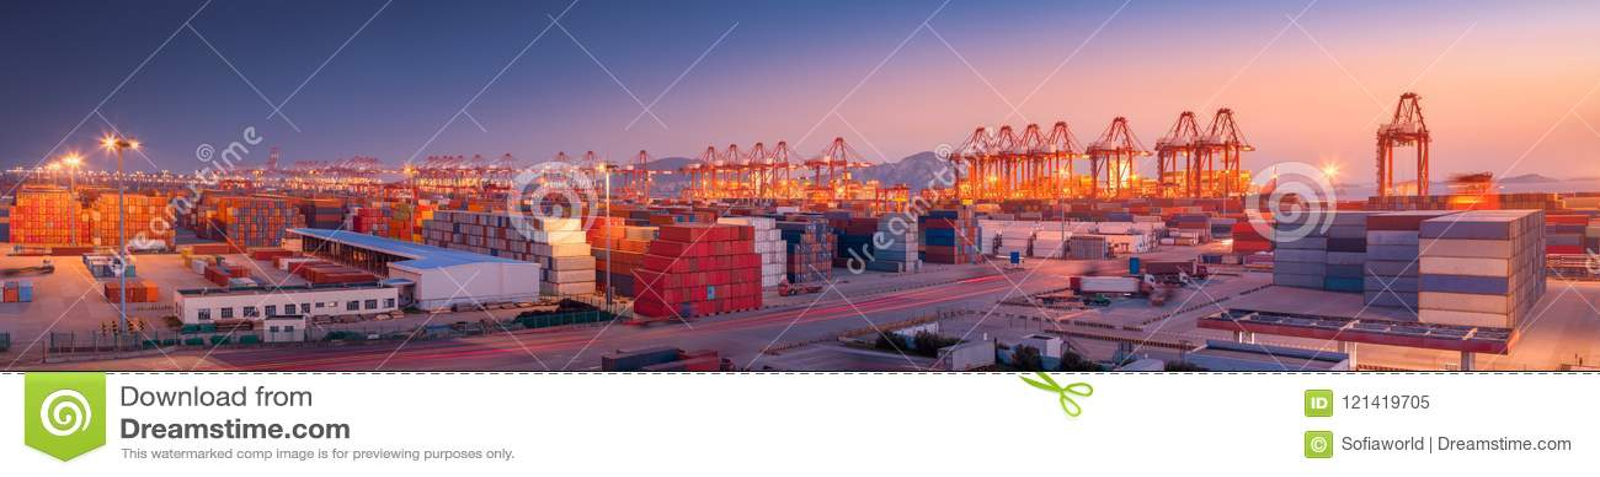 Industriell port på gryning